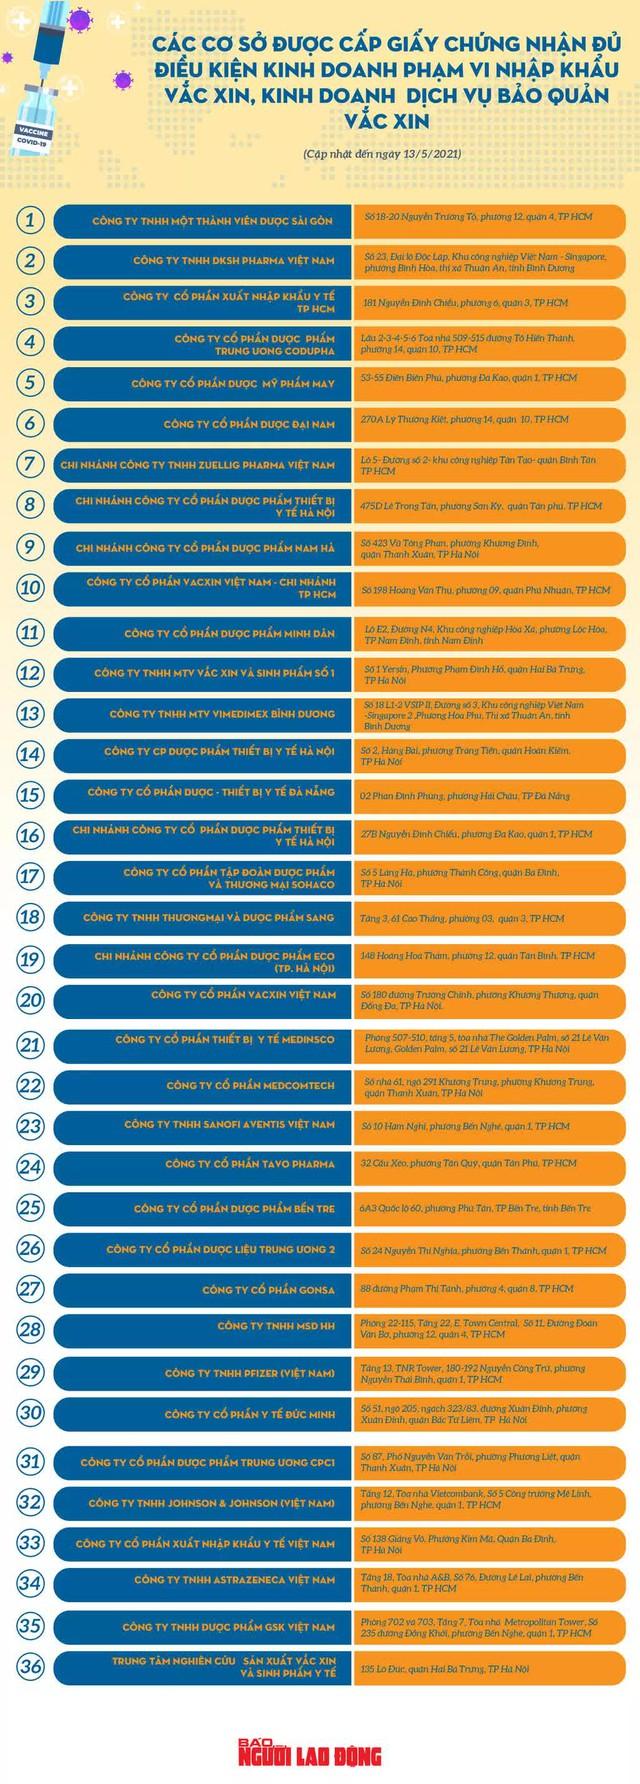 Danh sách 36 doanh nghiệp được nhập khẩu vắc-xin ngừa Covid-19  - Ảnh 1.